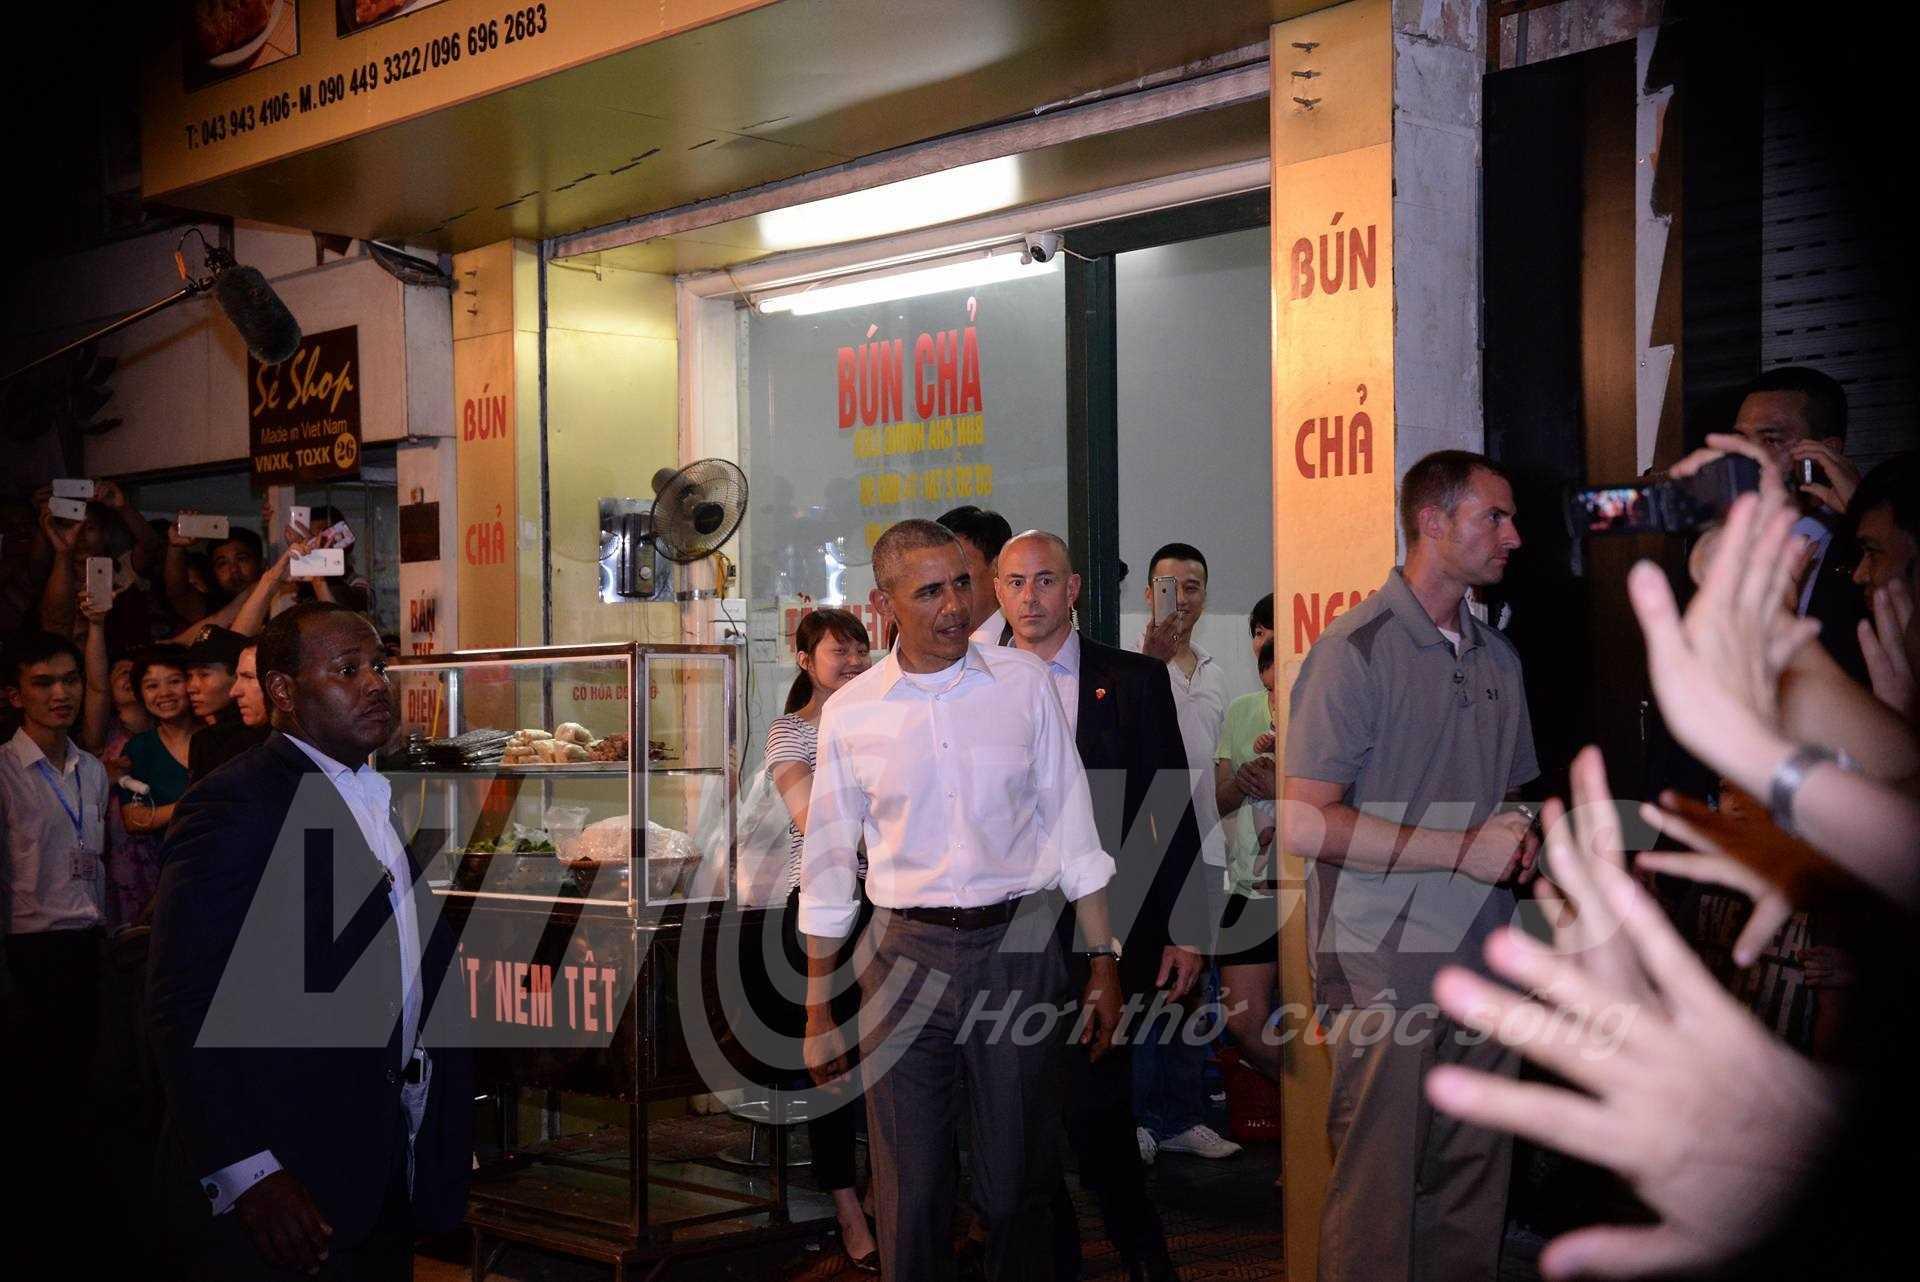 Sau khi ăn xong, tổng thống Obama rời khỏi quán bún chả và di chuyển về phía phố cổ (ảnh: Tùng Đinh)